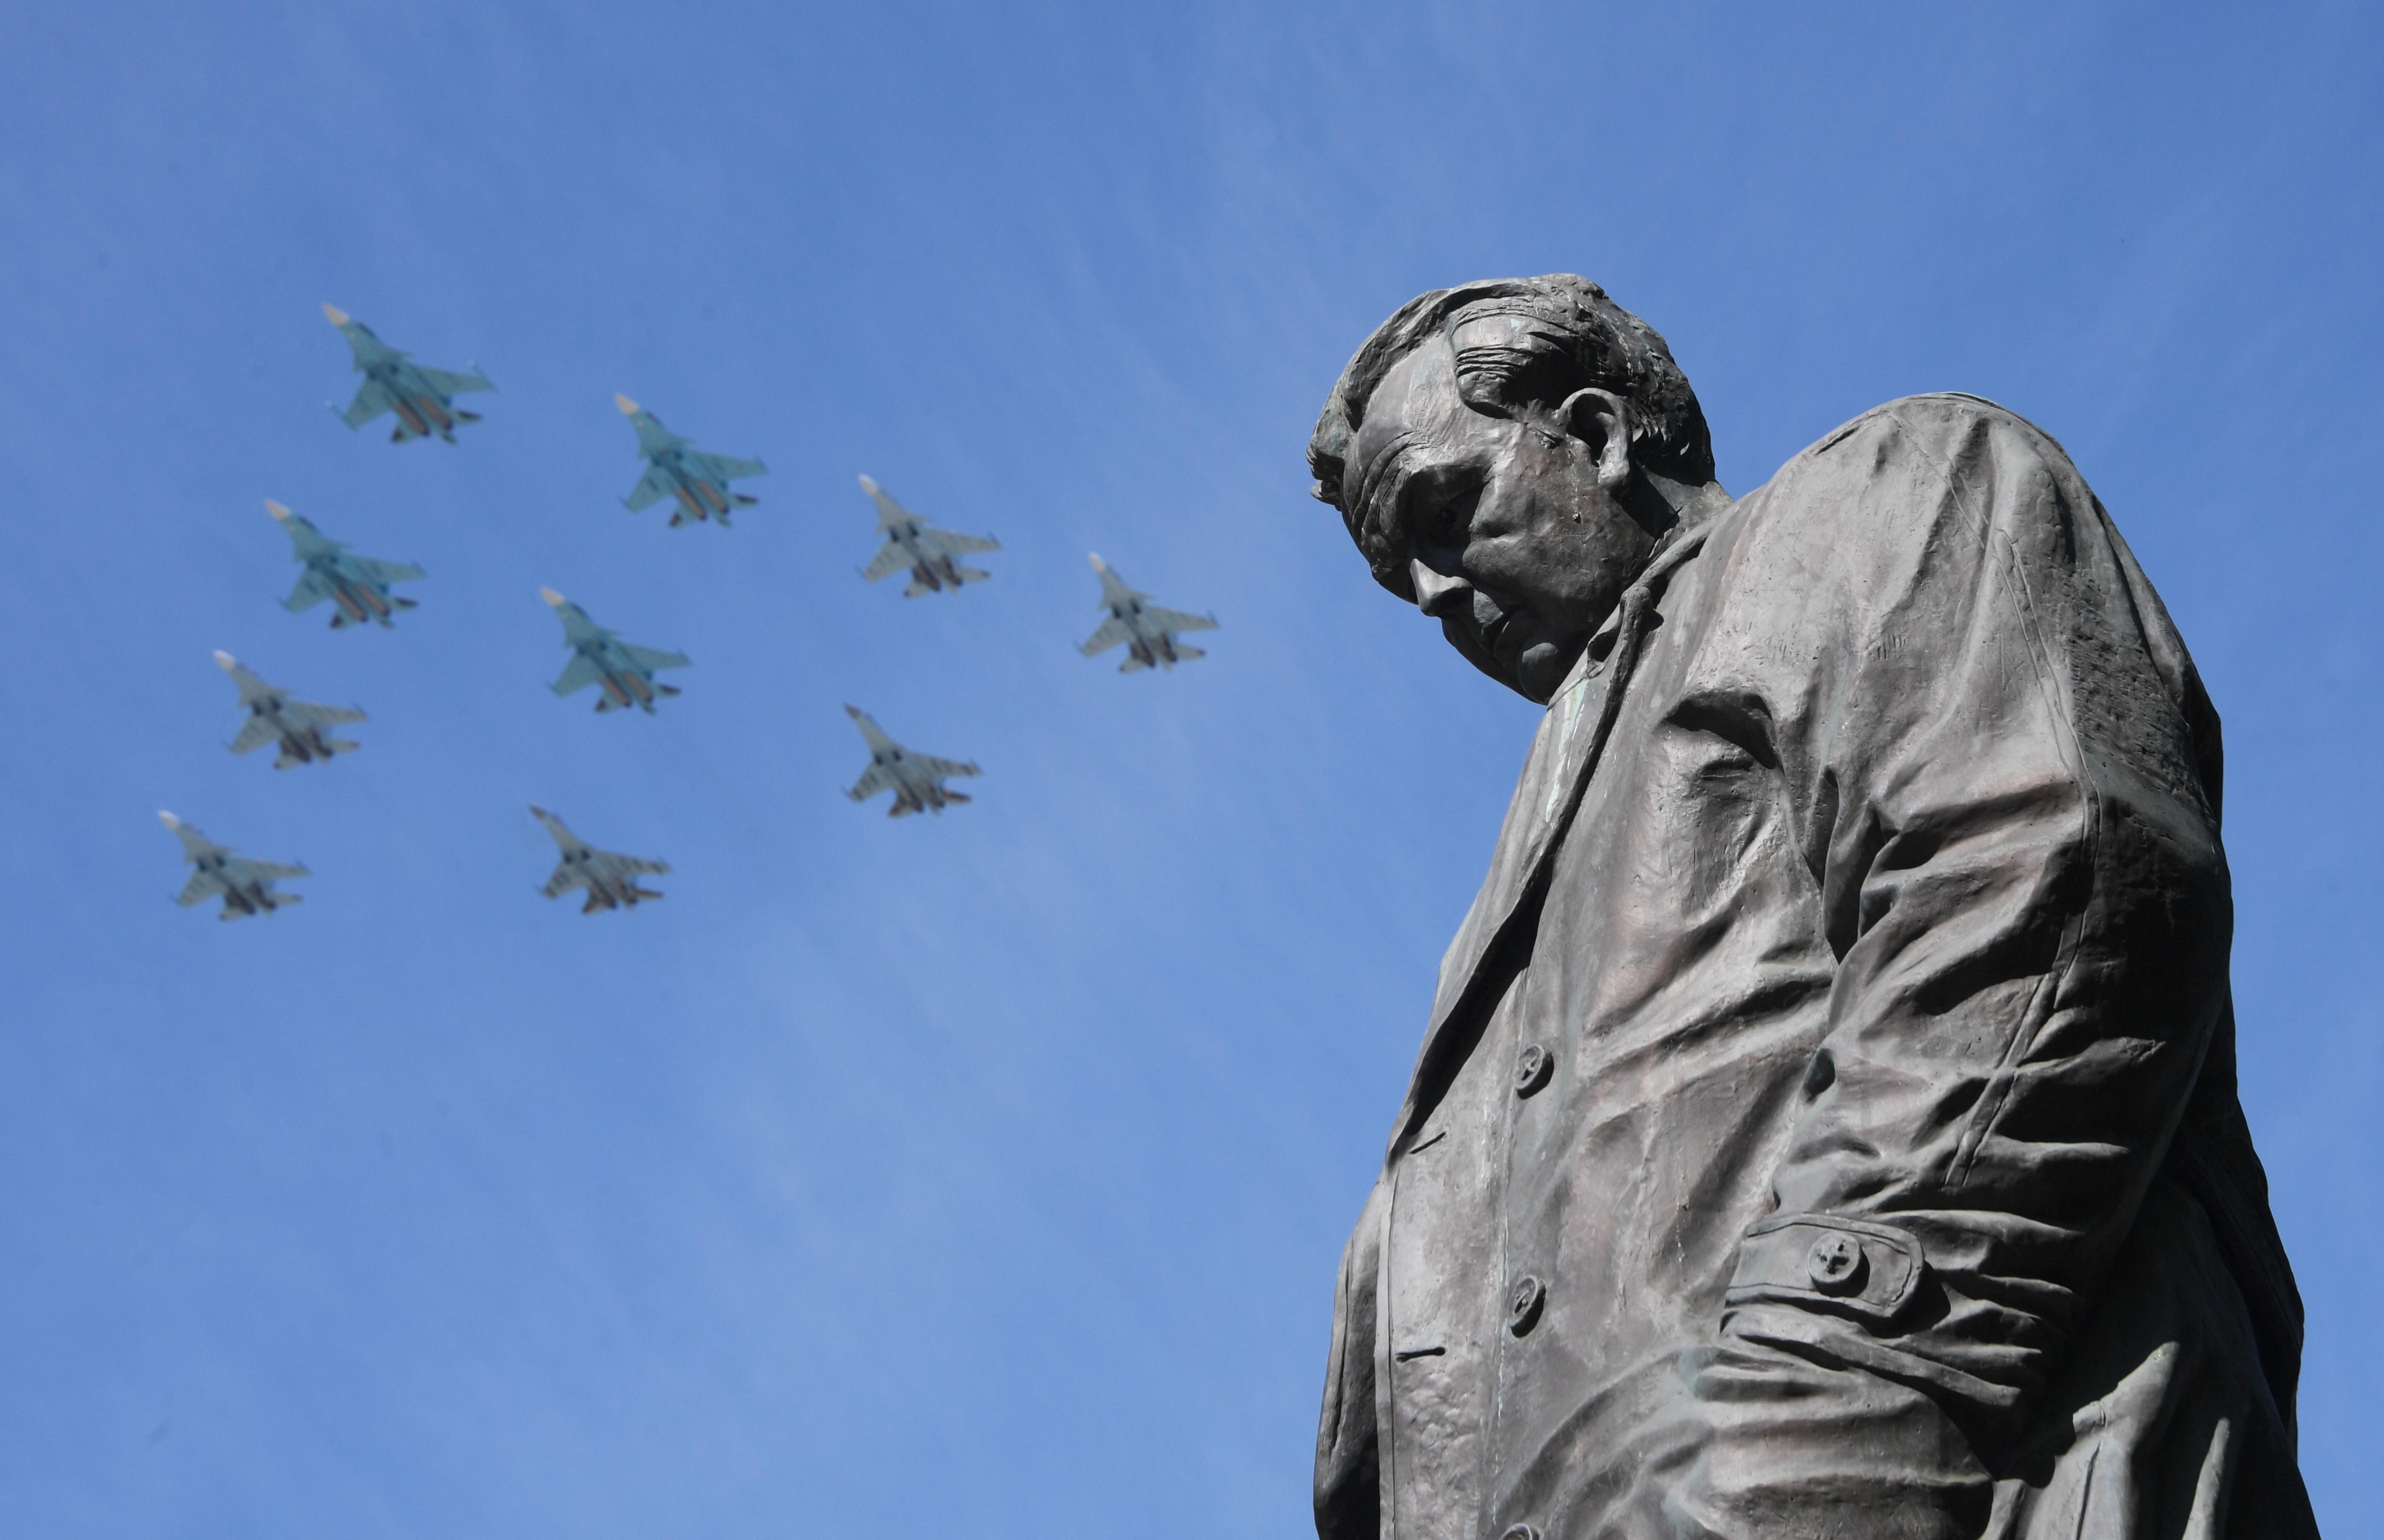 Az amerikaiak szankciókkal büntetik Kínát, amiért az oroszoktól vett vadászgépeket